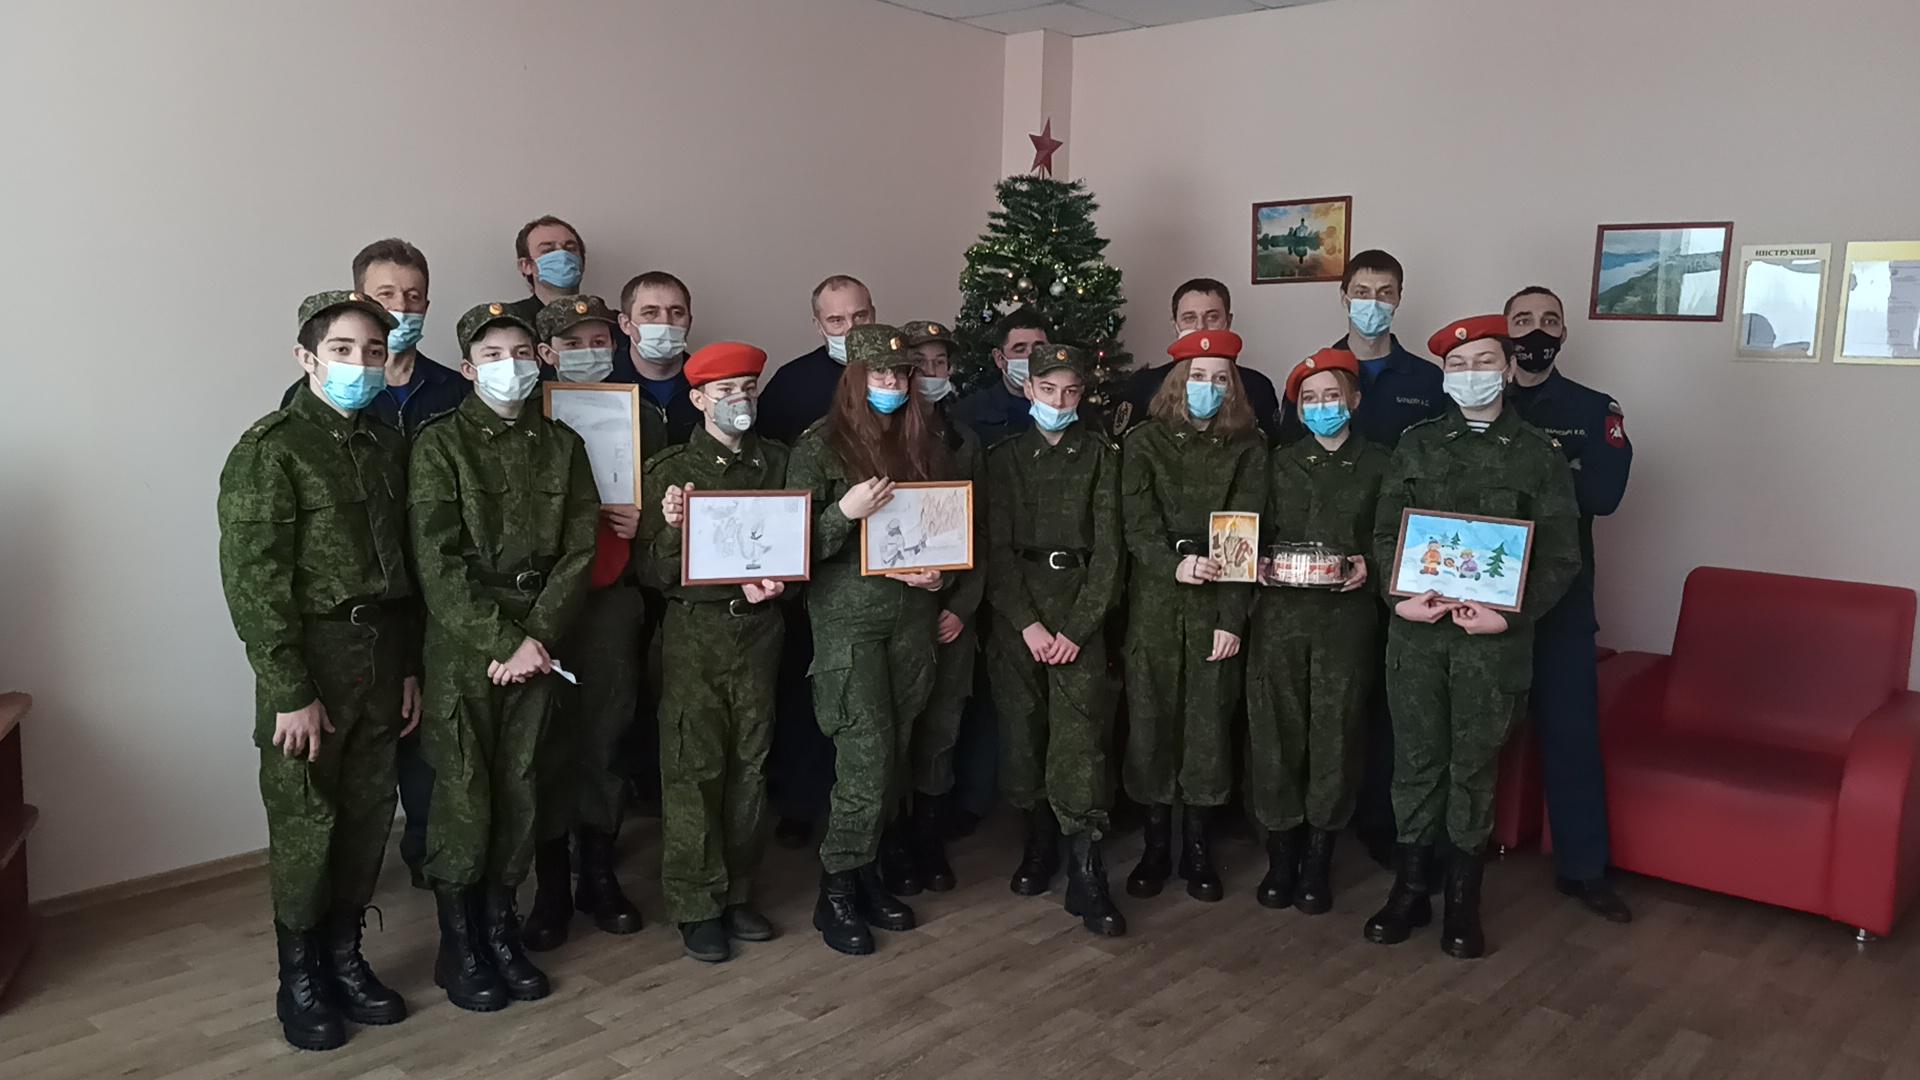 Кадеты из ТиНАО поздравили огнеборцев с Днем спасателя РФ